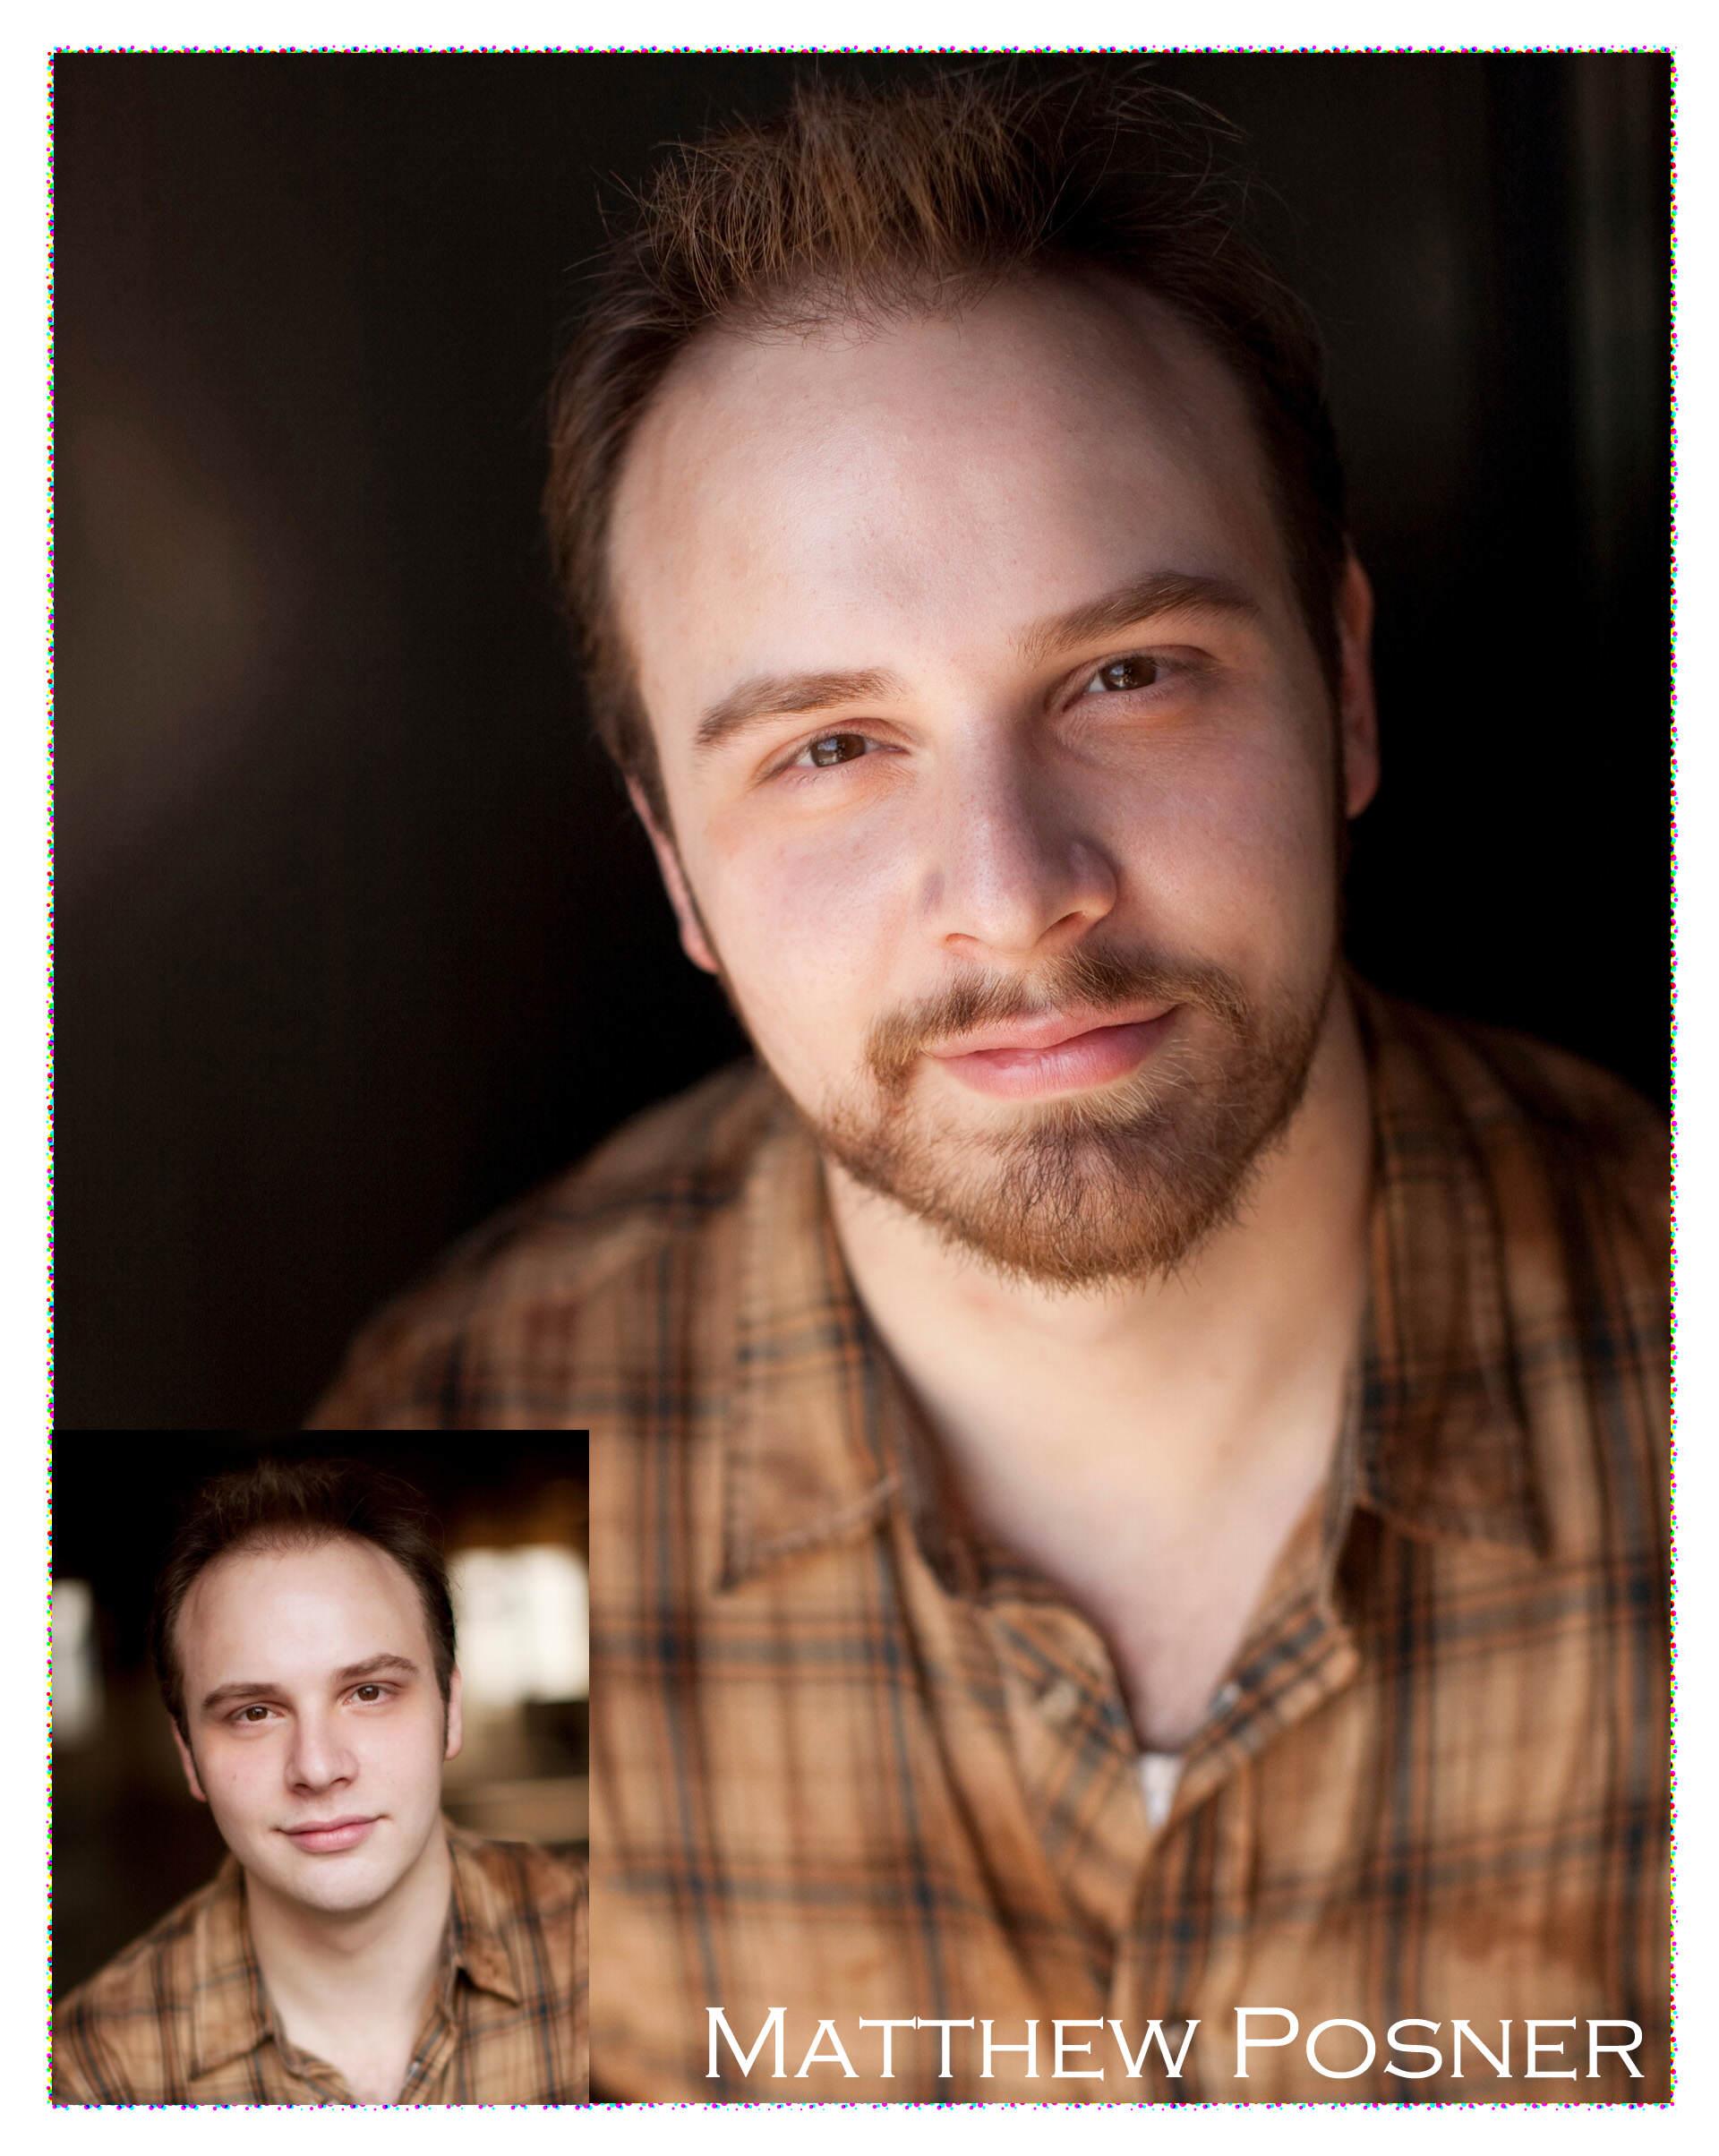 Matthew Posner